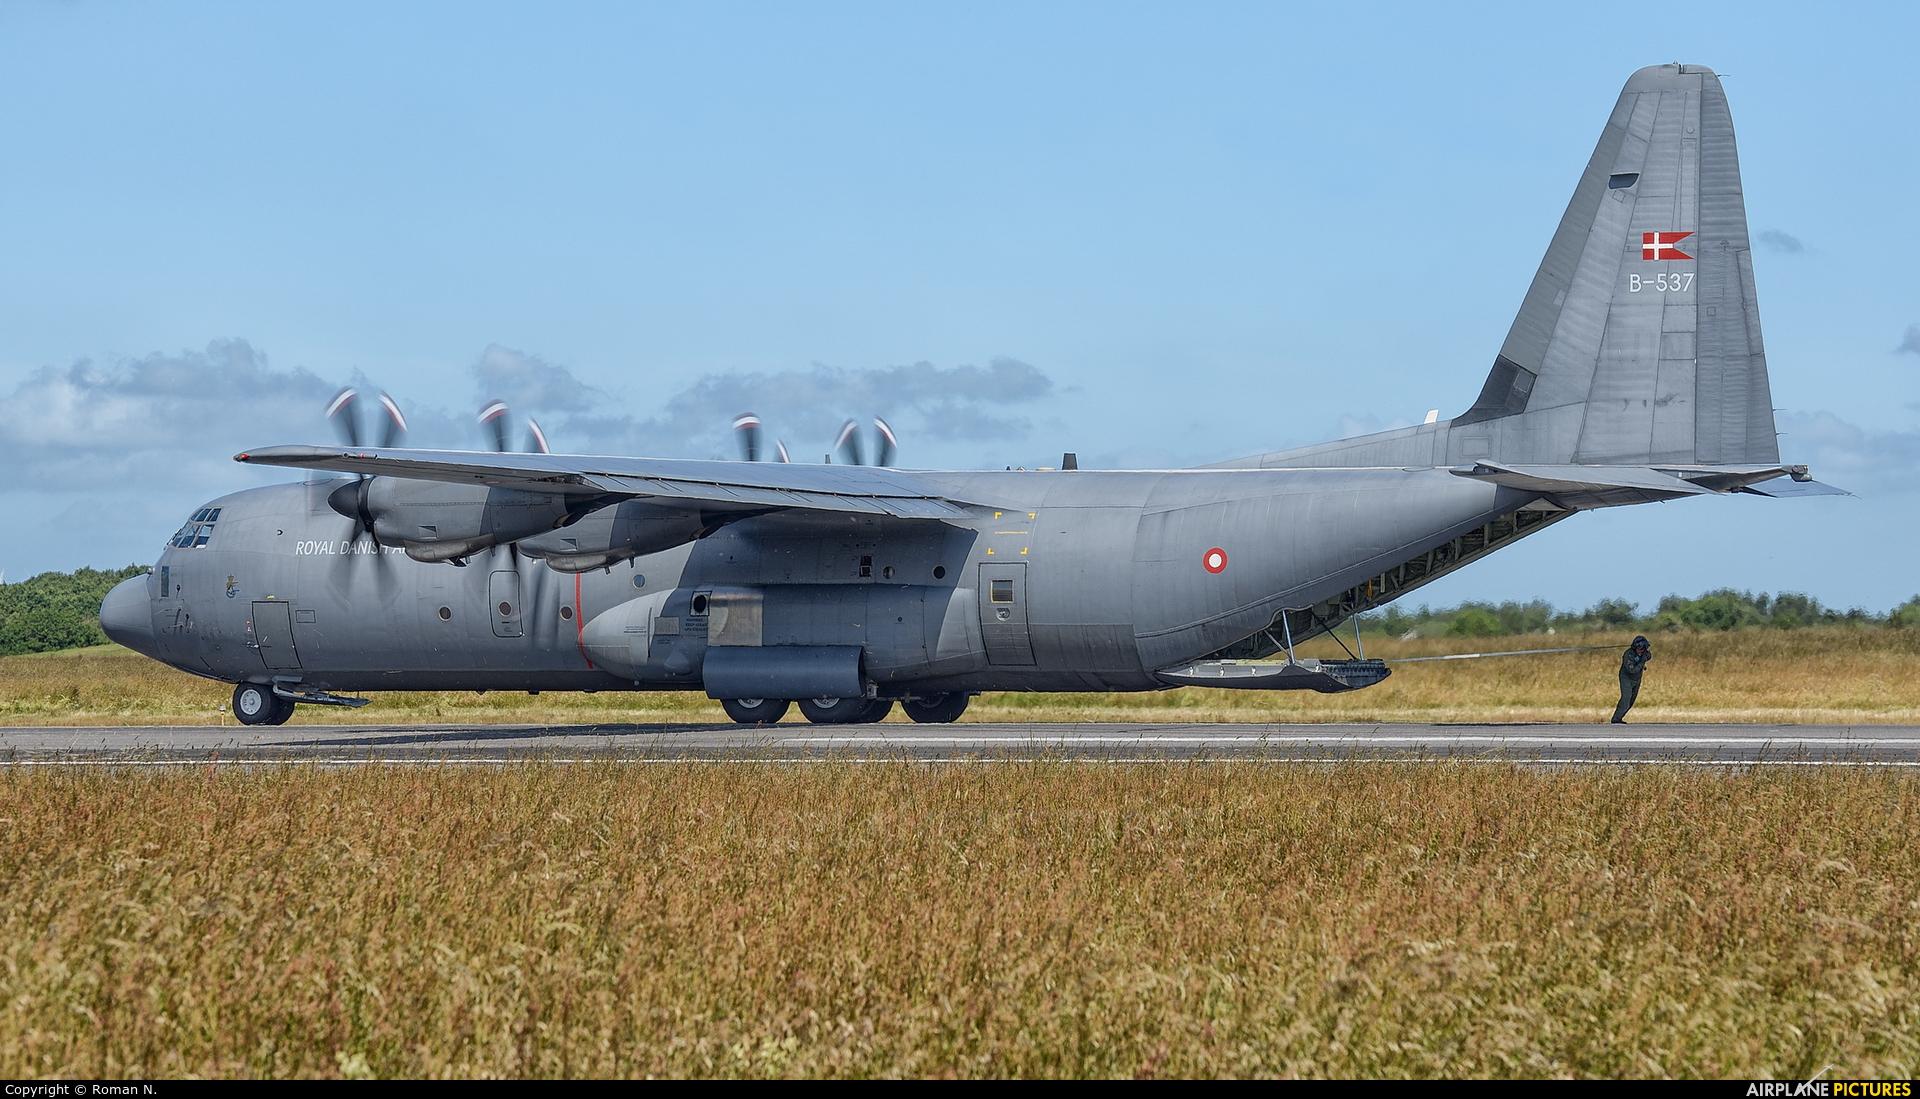 Denmark - Air Force B-537 aircraft at Karup